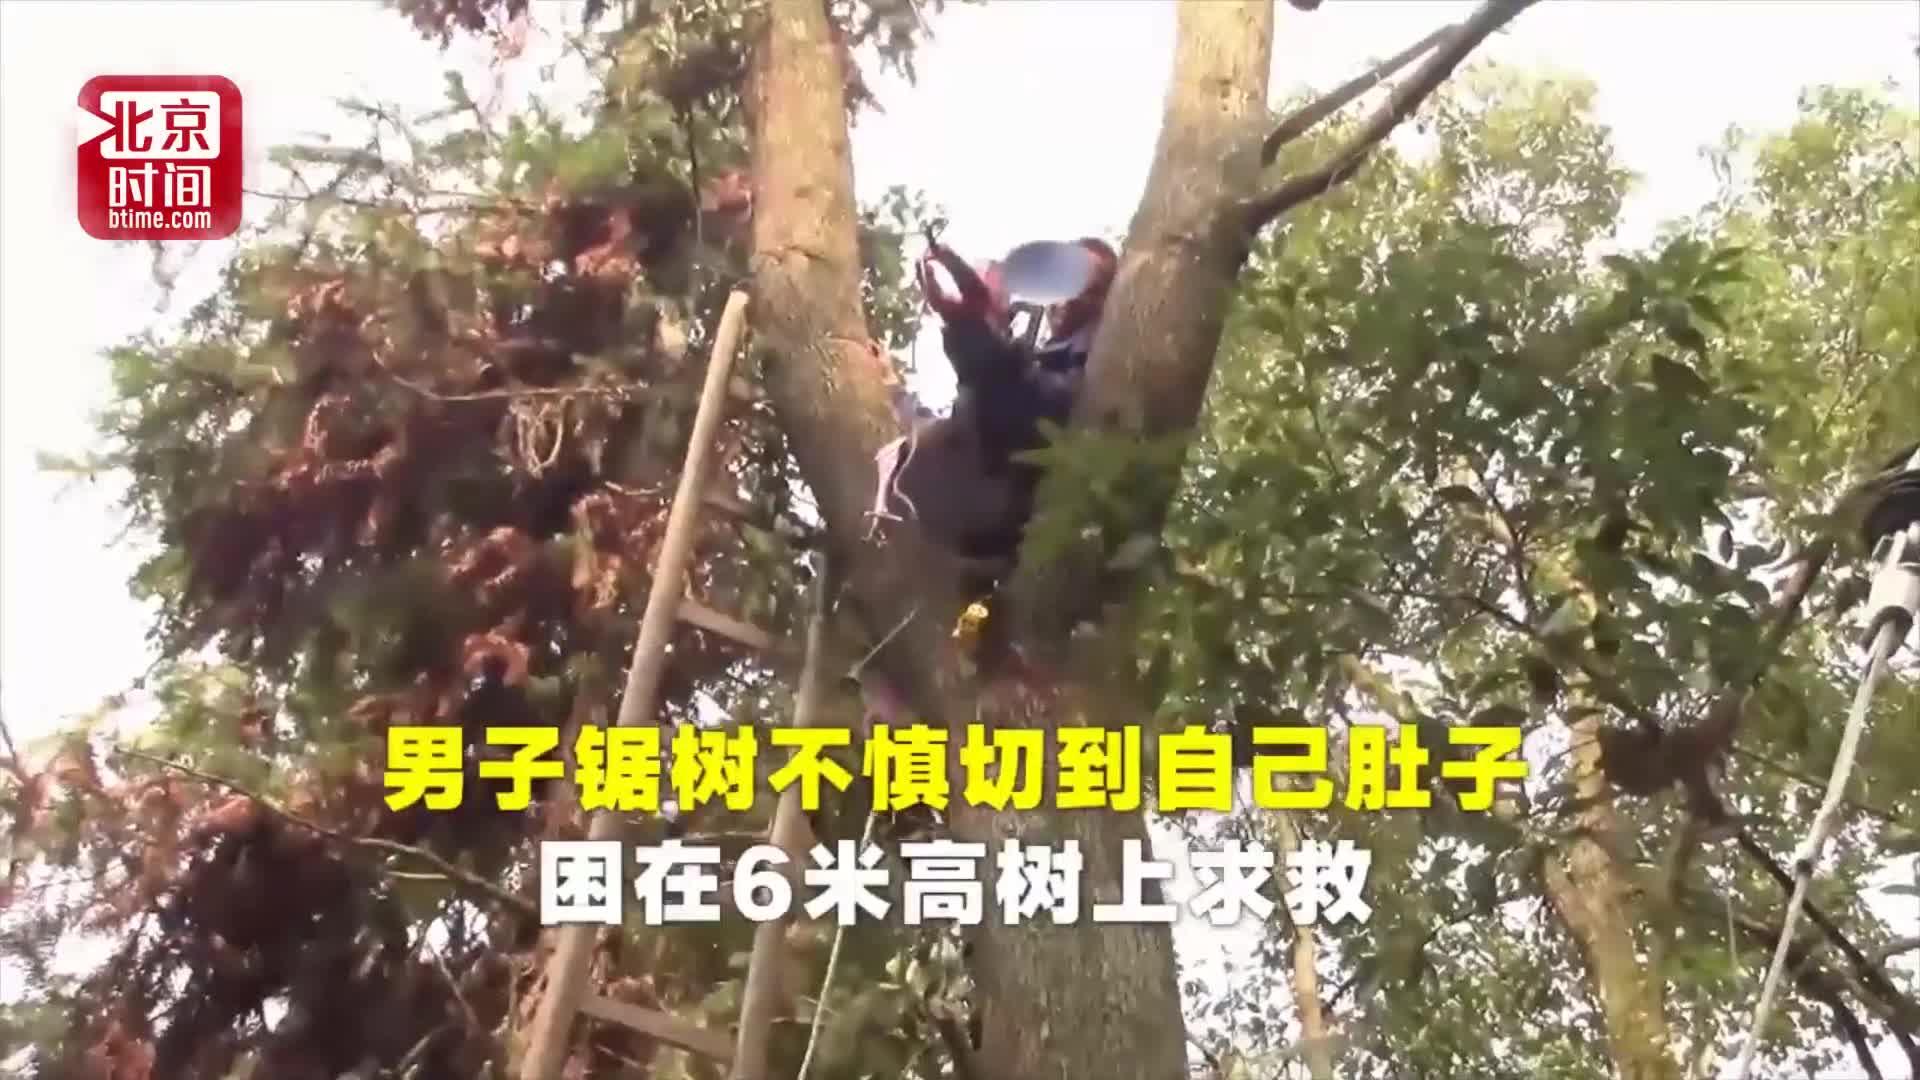 [视频]男子锯树不慎切到自己肚子 困在六米高树上求救